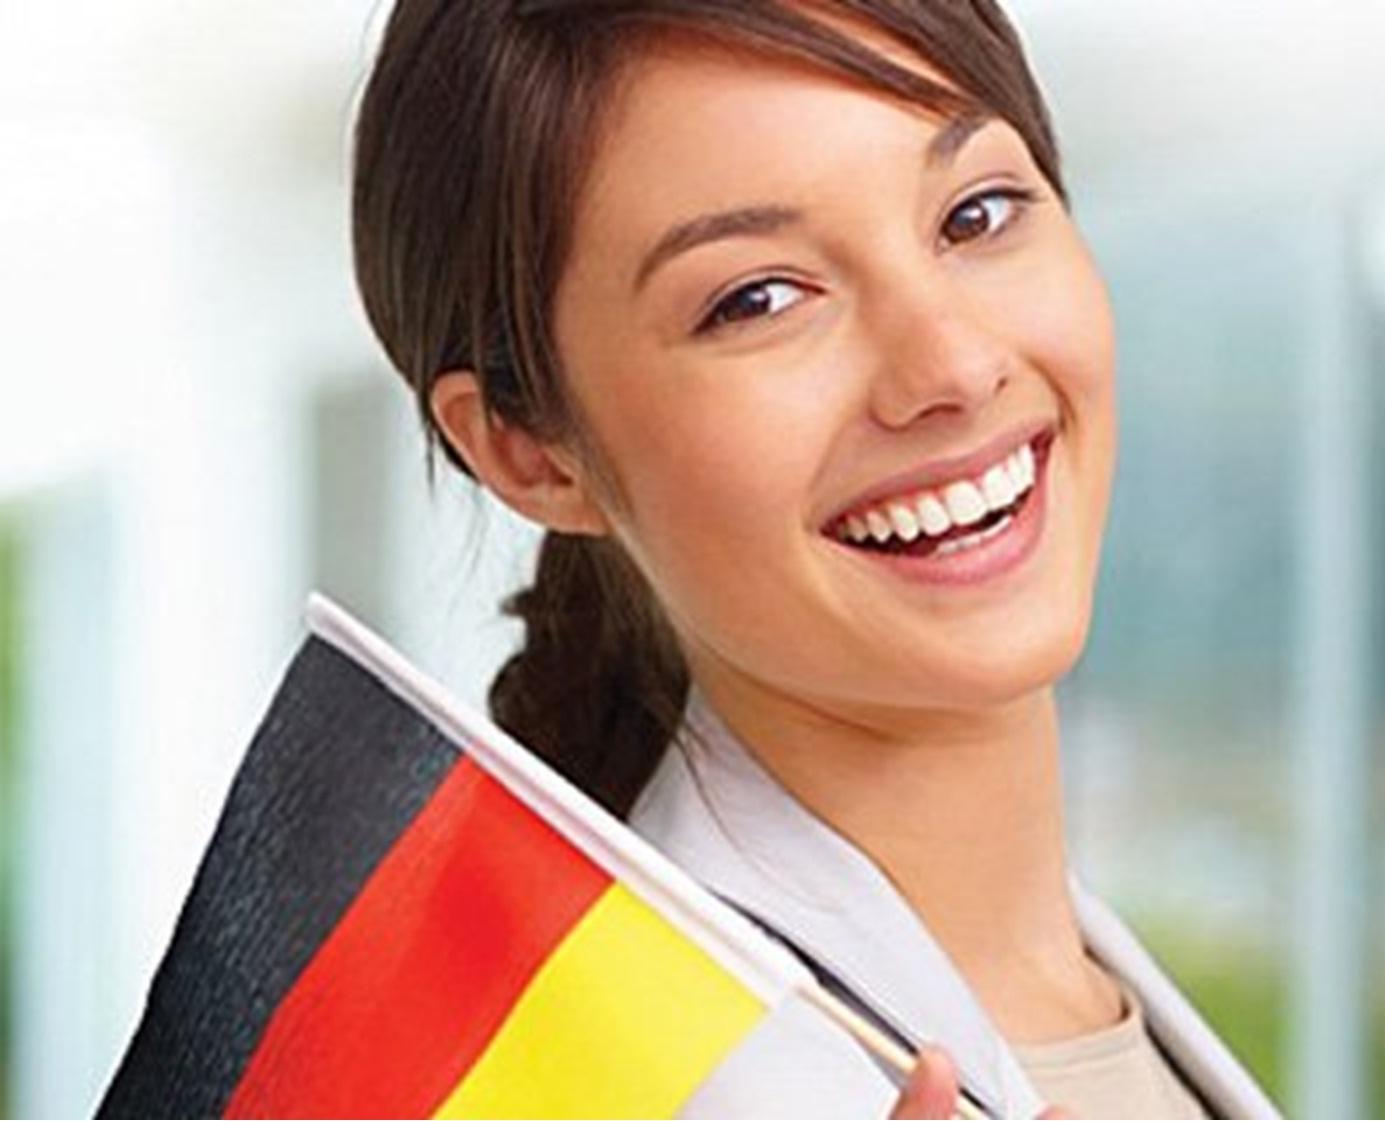 Ngành Điều dưỡng - Cơ hội học tập và làm việc tại Đức